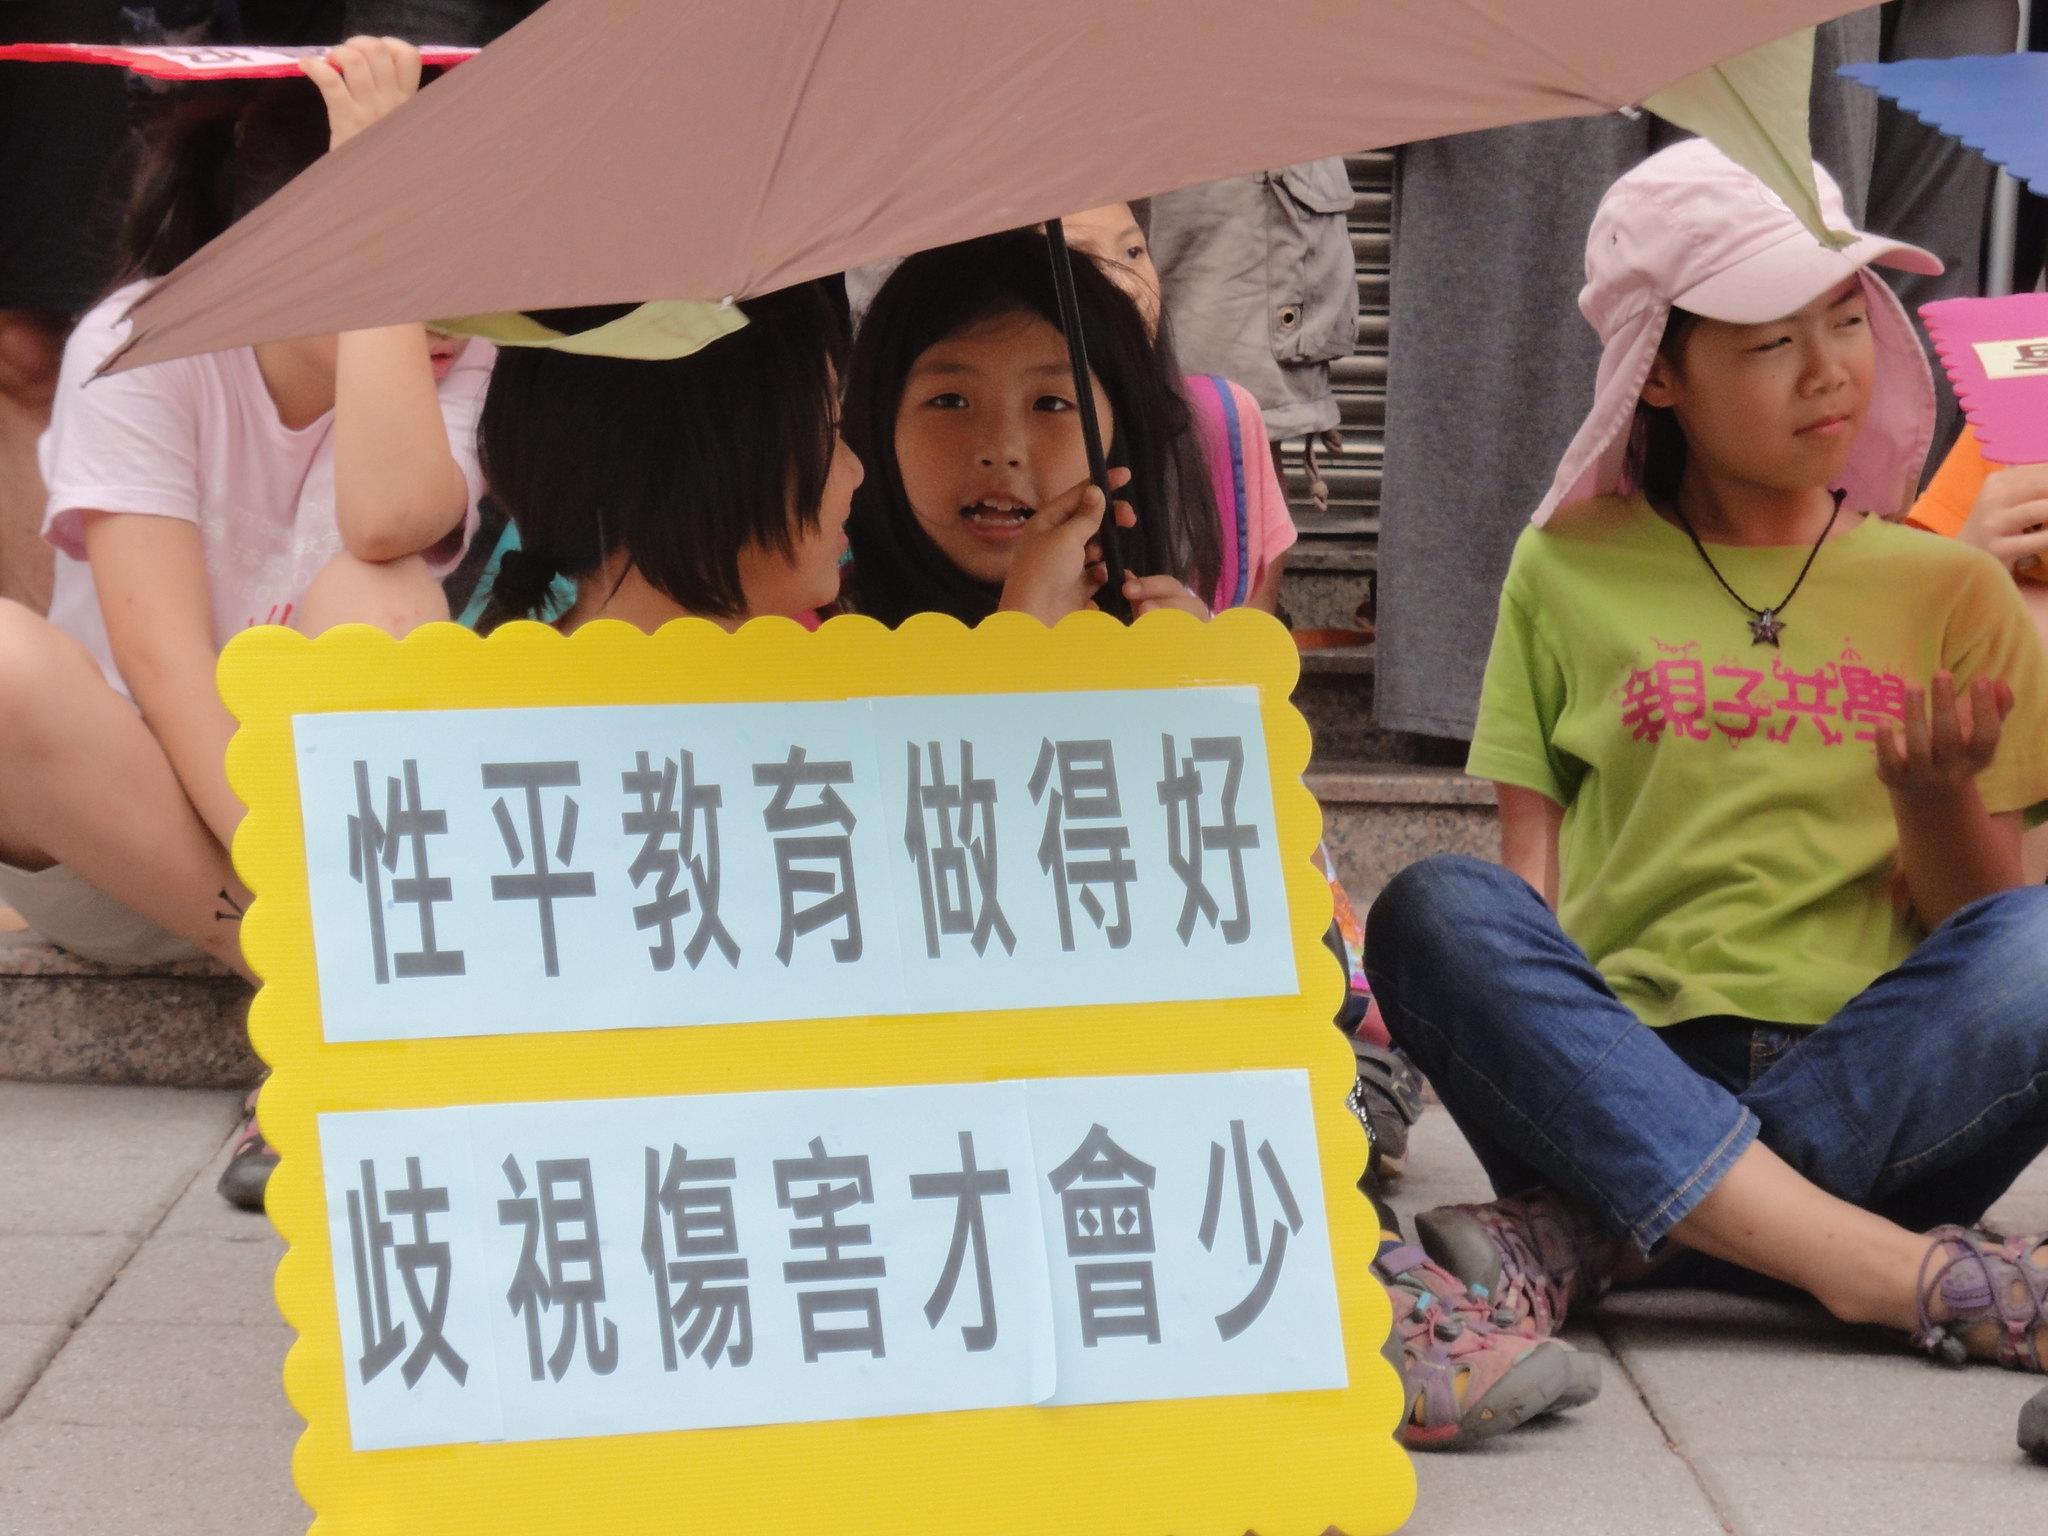 性別團體這方有許多家長帶自己的孩子來參與活動。(攝影:張智琦)